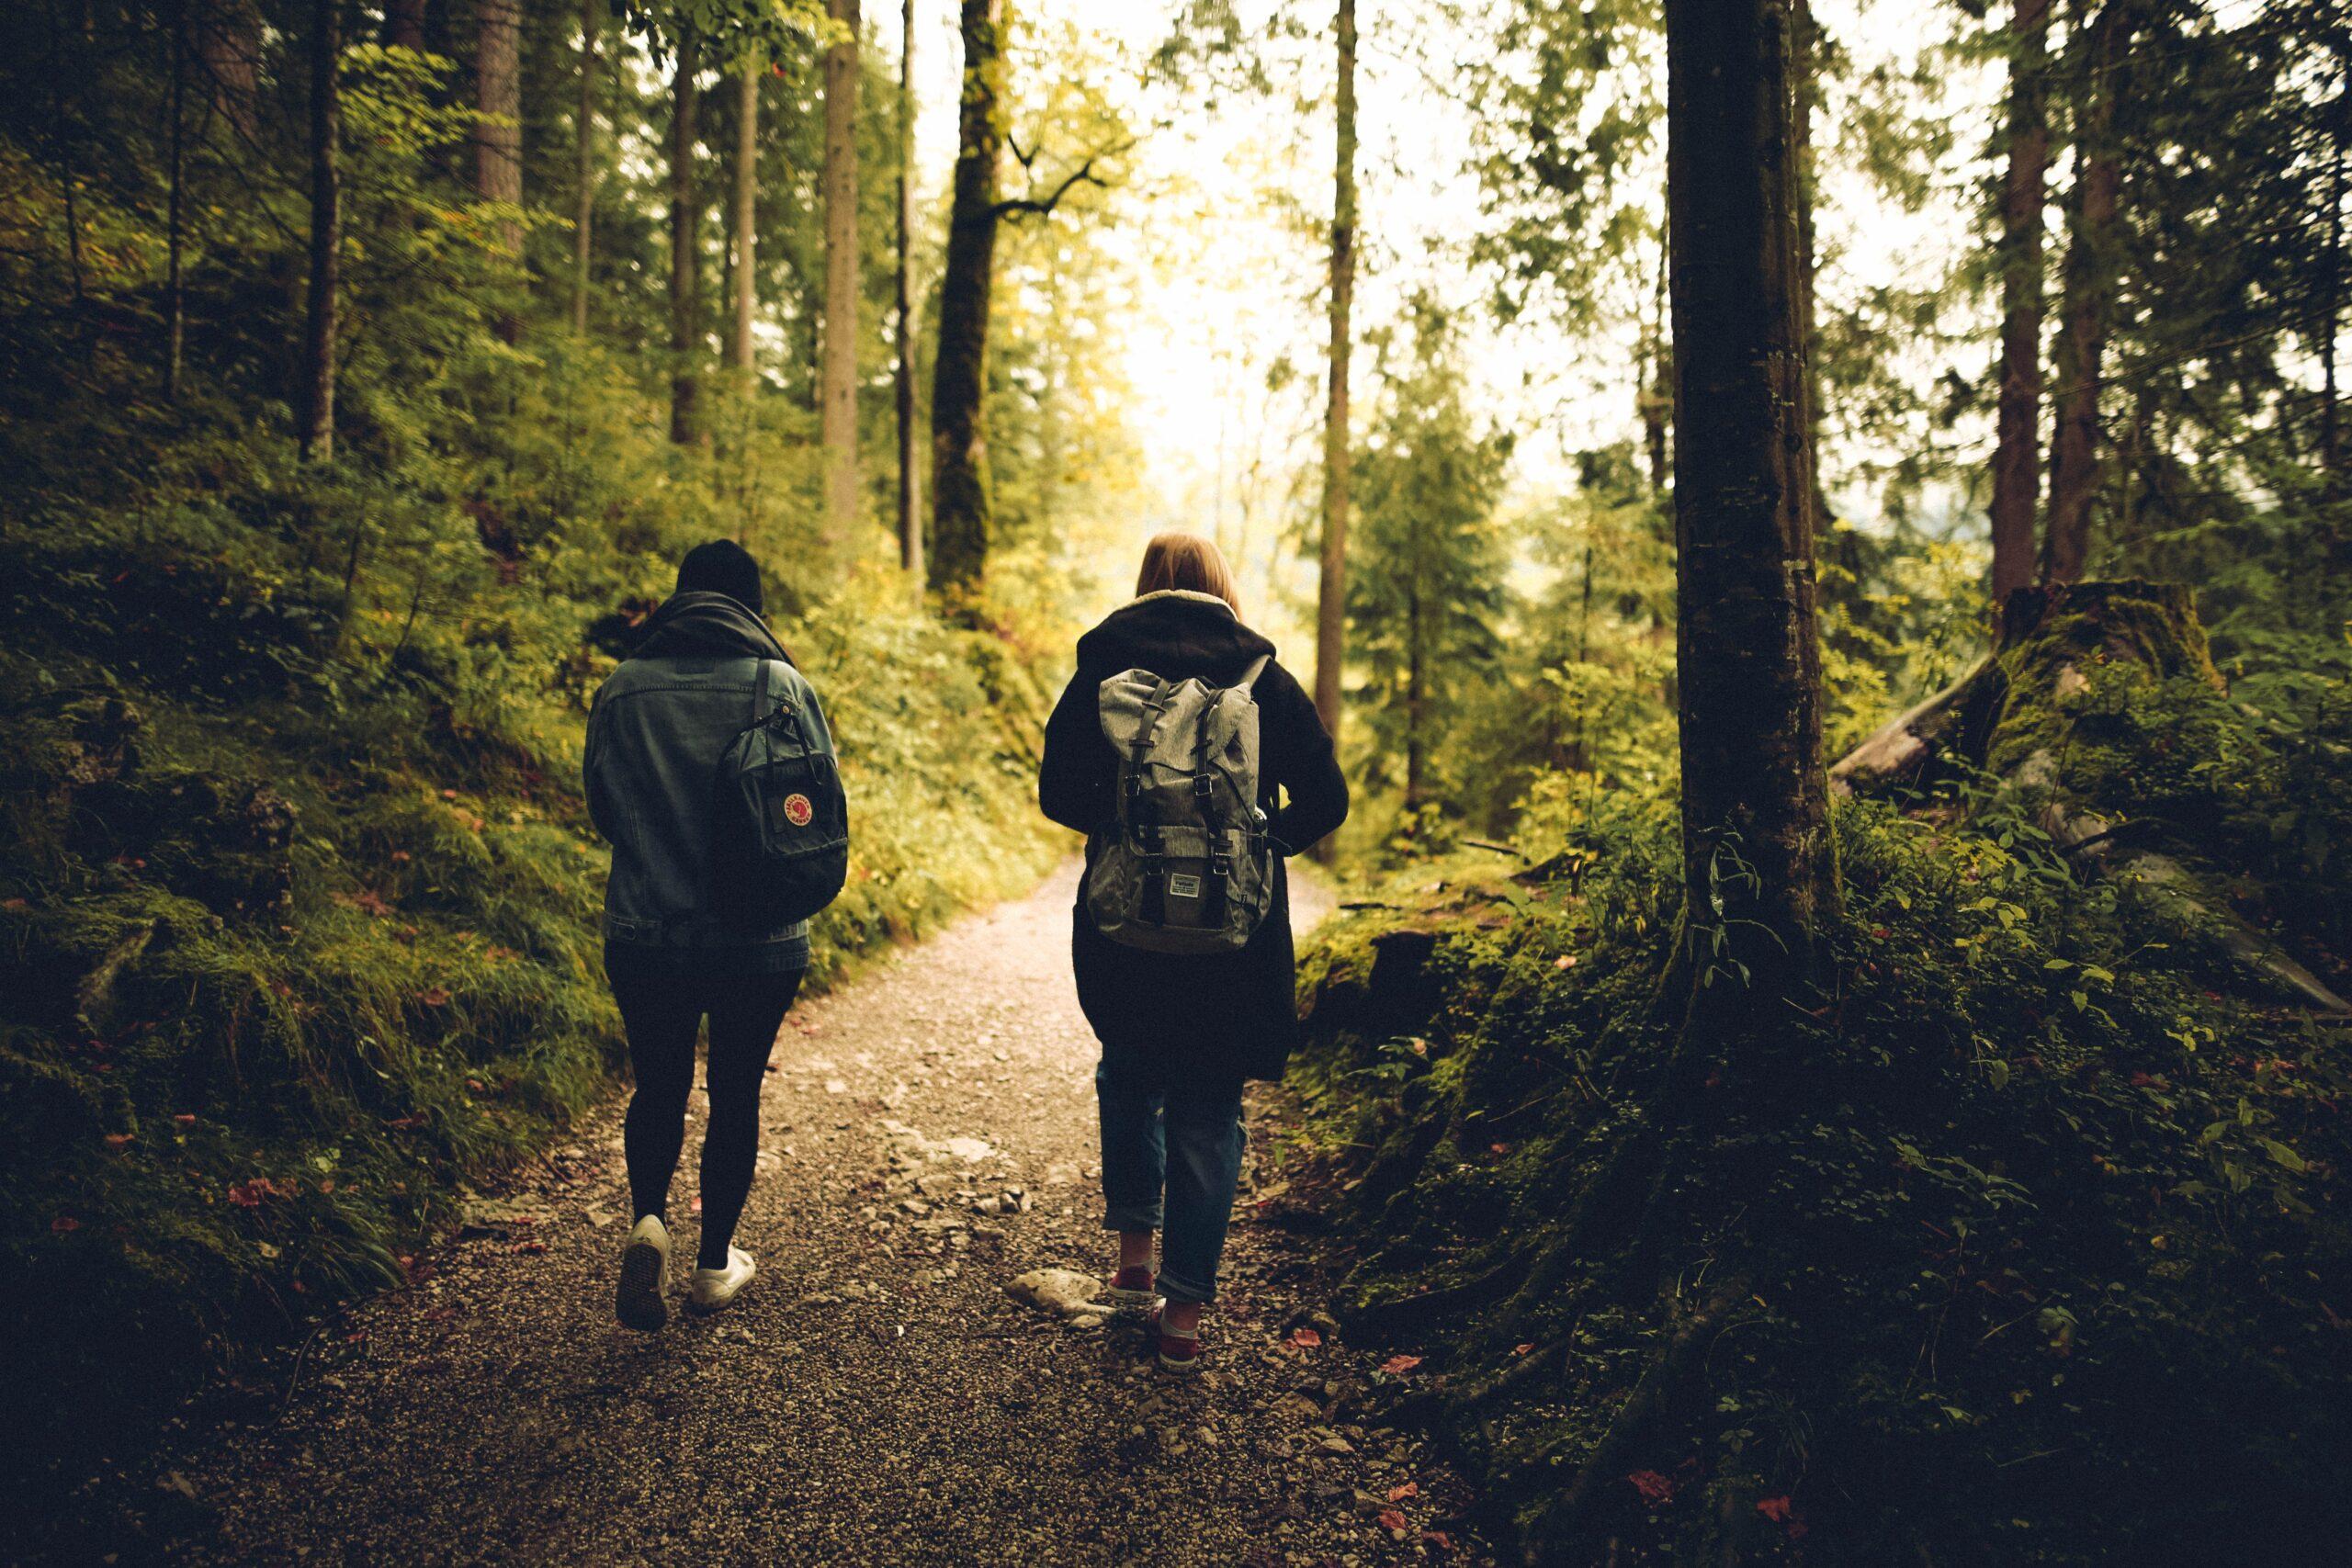 Dos personas caminando andando por las rutas bizarras de Burgos